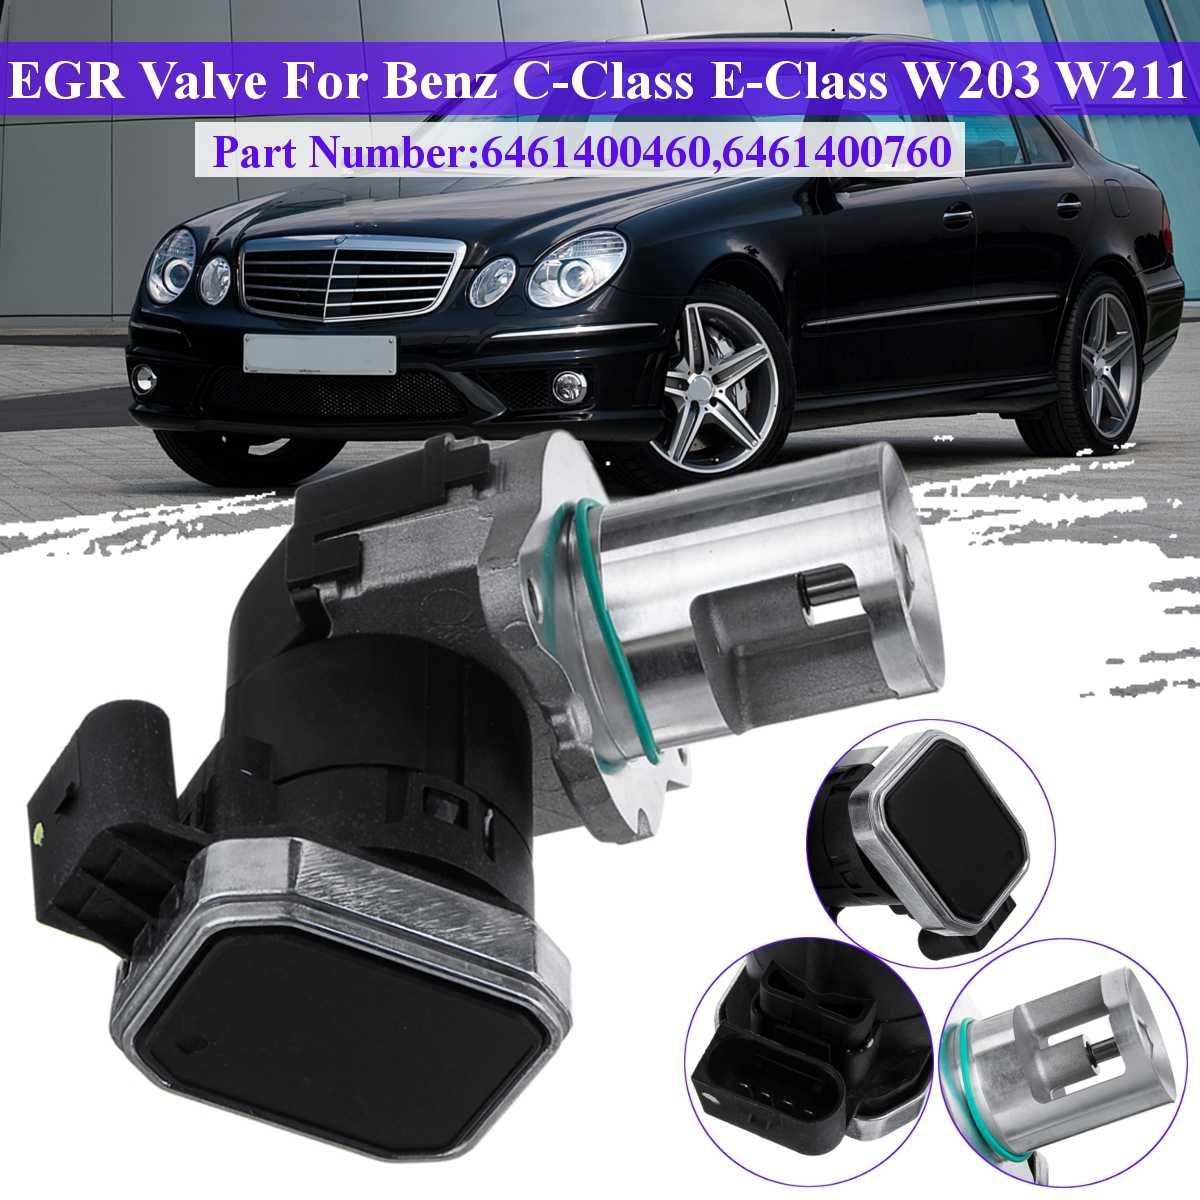 Auto Uitlaatgasrecirculatieklep Egr-klep Voor Mercedes C-Klasse E-Klasse CLK W203 W211 S203 #6461400460 6461400760 Accessoires